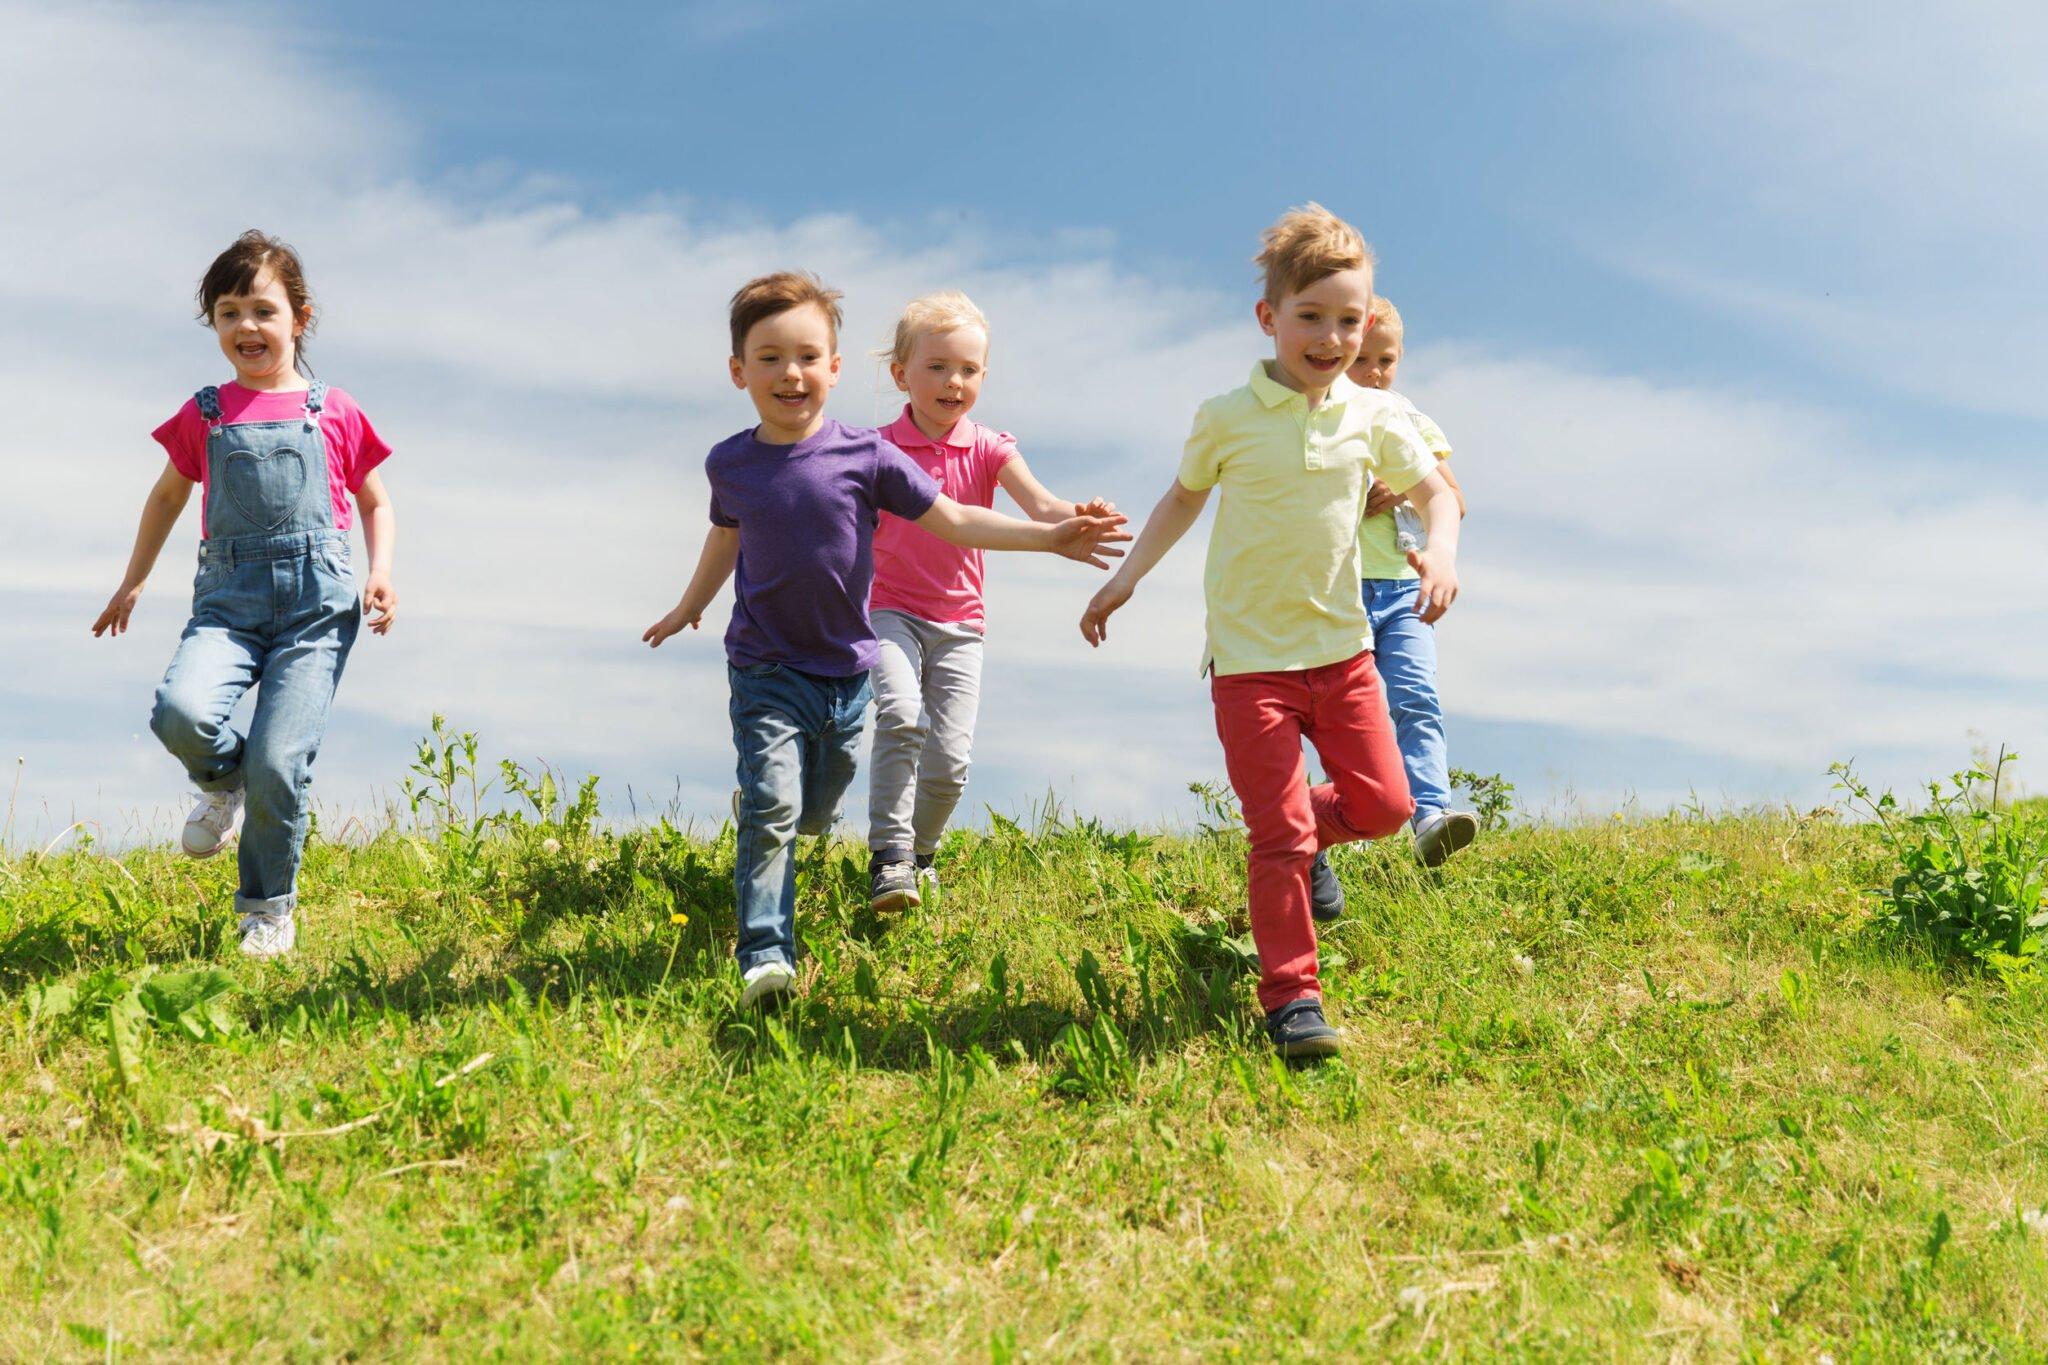 Uitjes met kinderen; leuke tips en ideeën om te doen in Nederland - Mamaliefde.nl